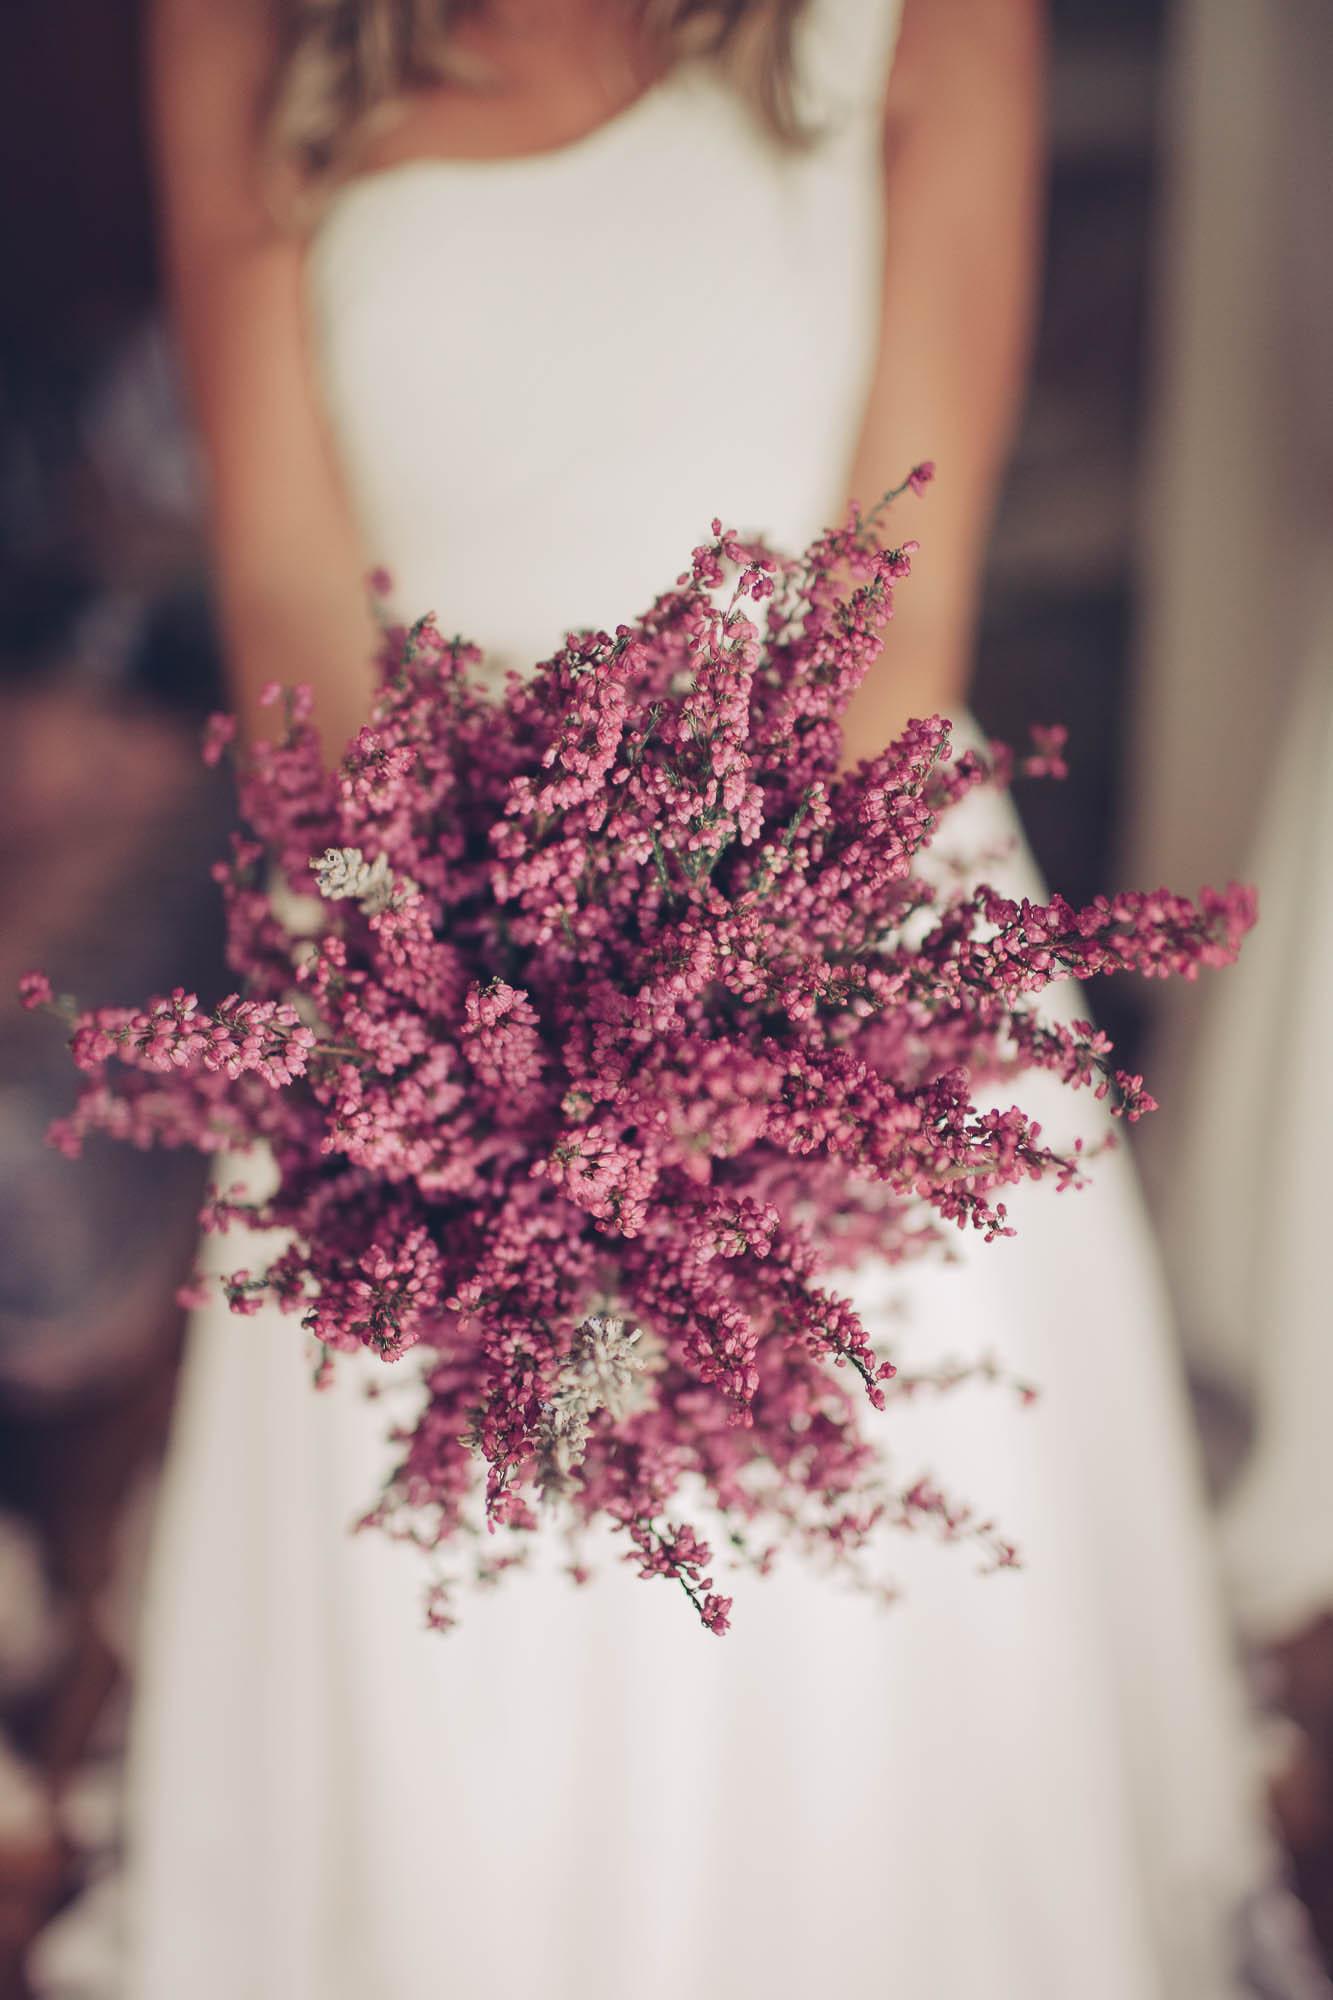 La novia sostiene el ramo